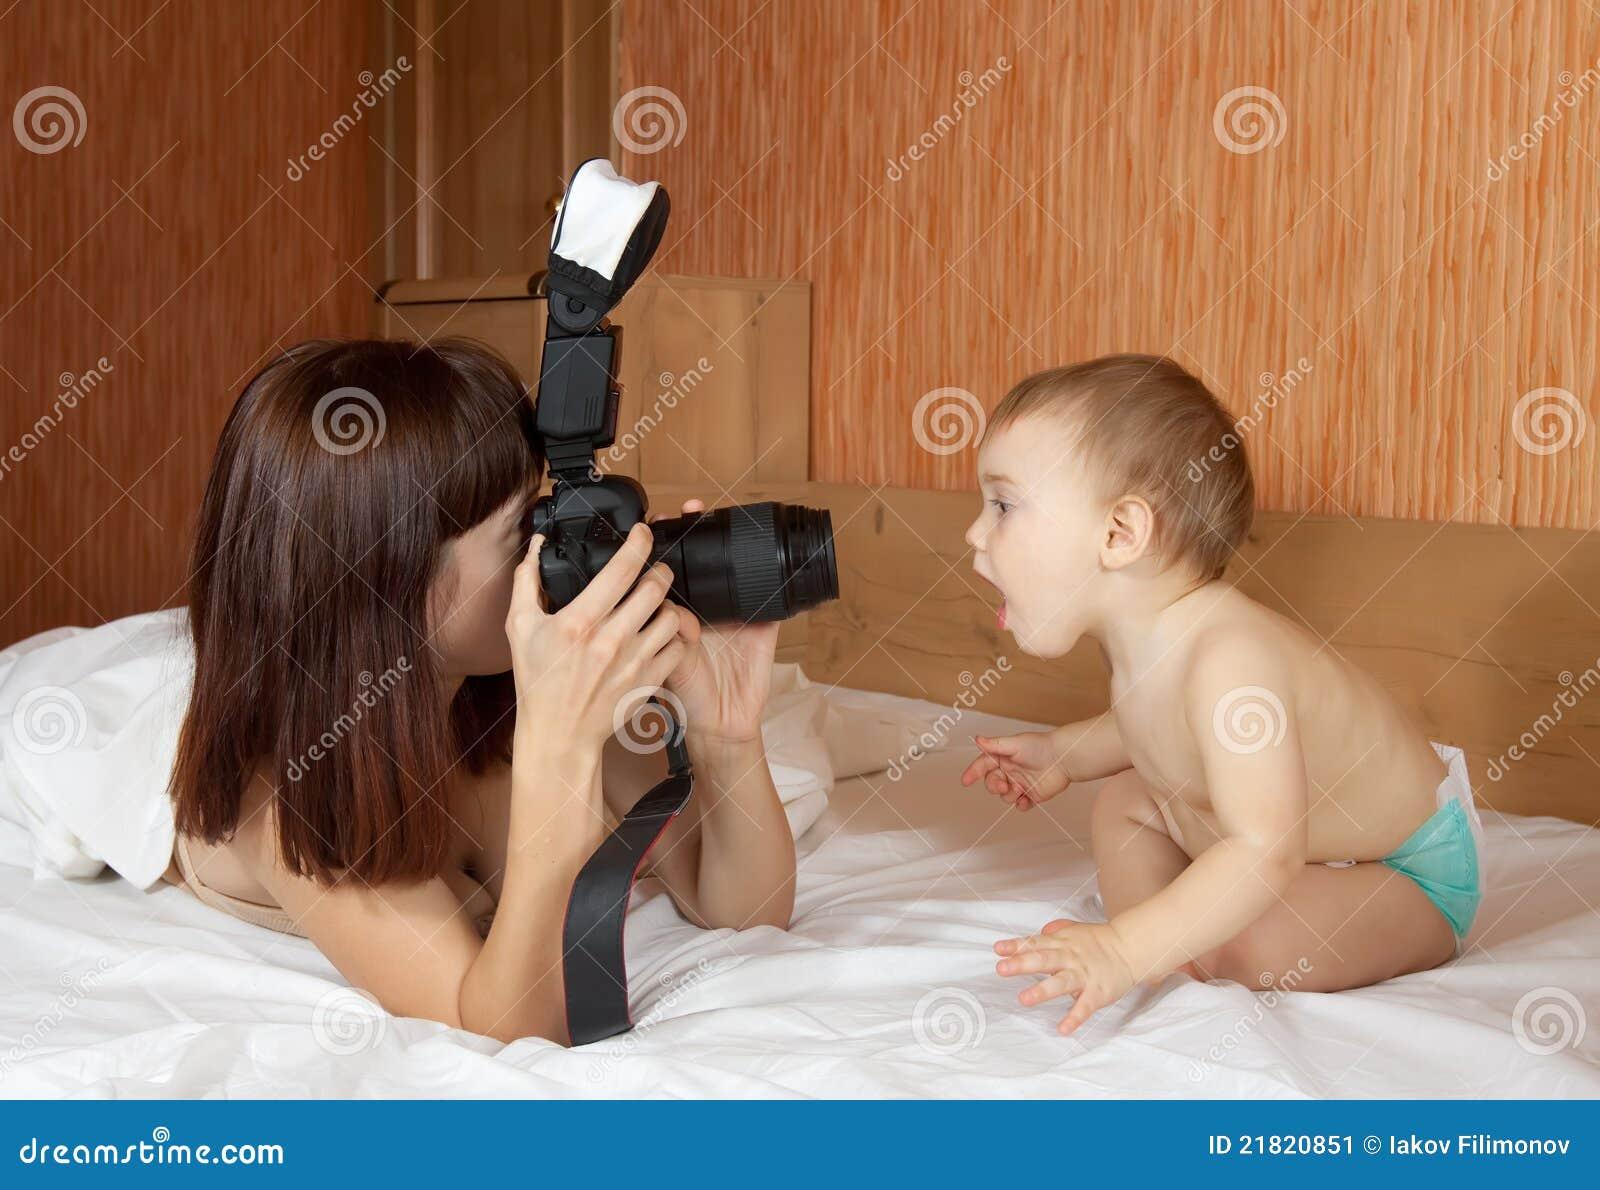 Сын фотографирует маму 12 фотография